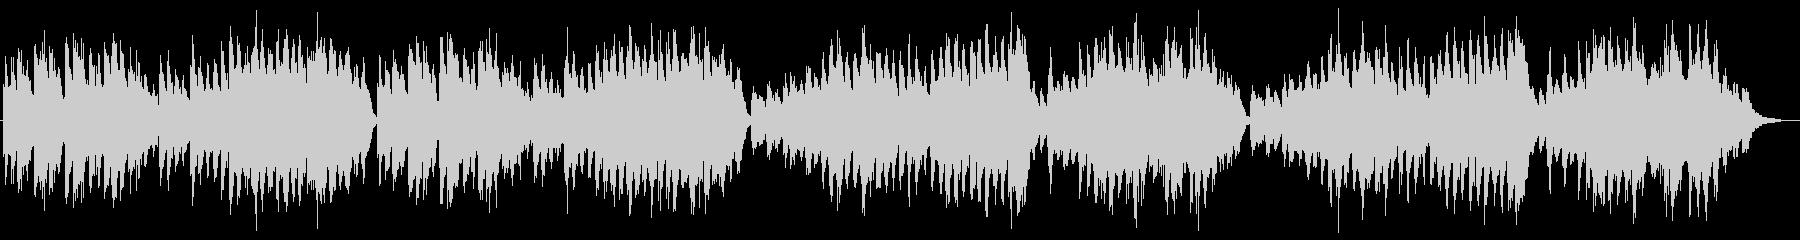 軍隊や戦いをイメージさせるピアノ曲の未再生の波形